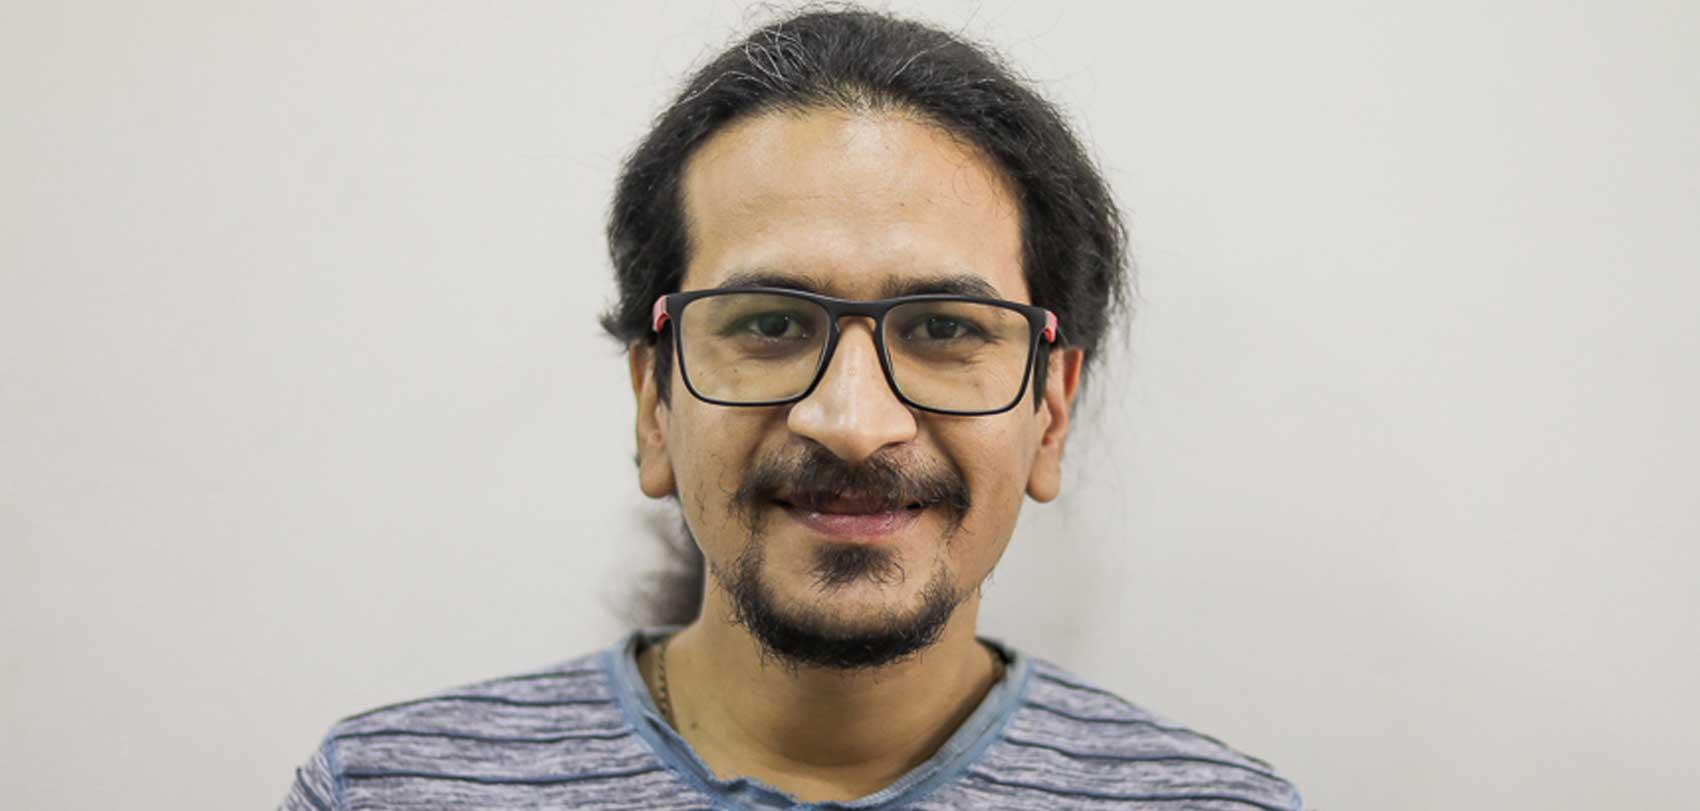 होसले बनाएको फिल्म चल्छ : रवीन्द्रसिंह बानियाँ